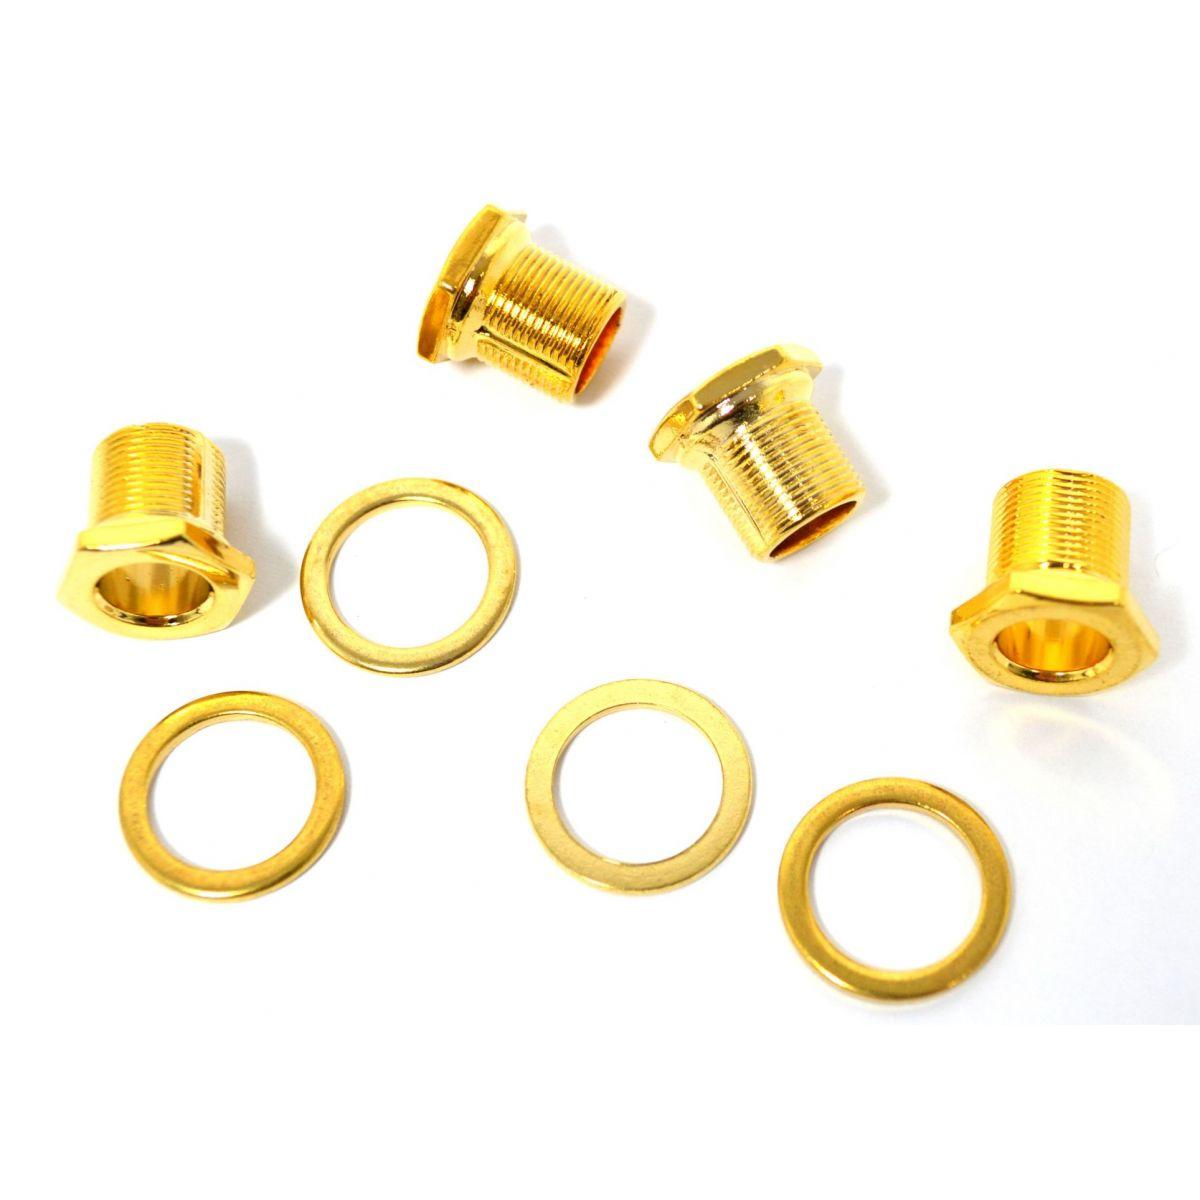 Buchas e arruelas douradas para tarraxas de contrabaixo - Spirit (MH15-GD) - Kit com 4 peças  - Luthieria Brasil